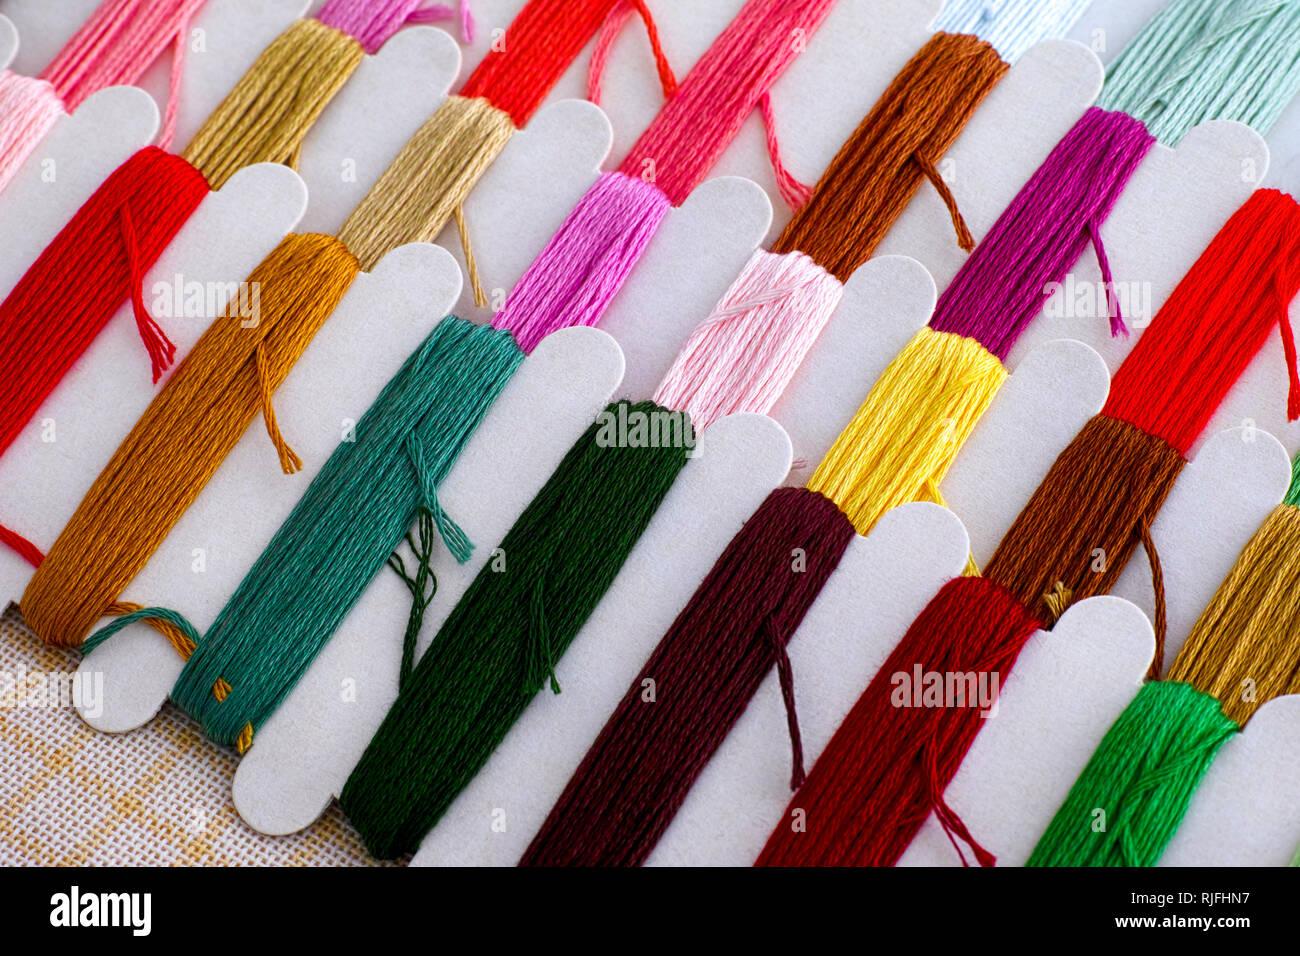 Bordados de colores roscas en los carretes con lona listo para punto de cruz . Close-up. Foto de stock